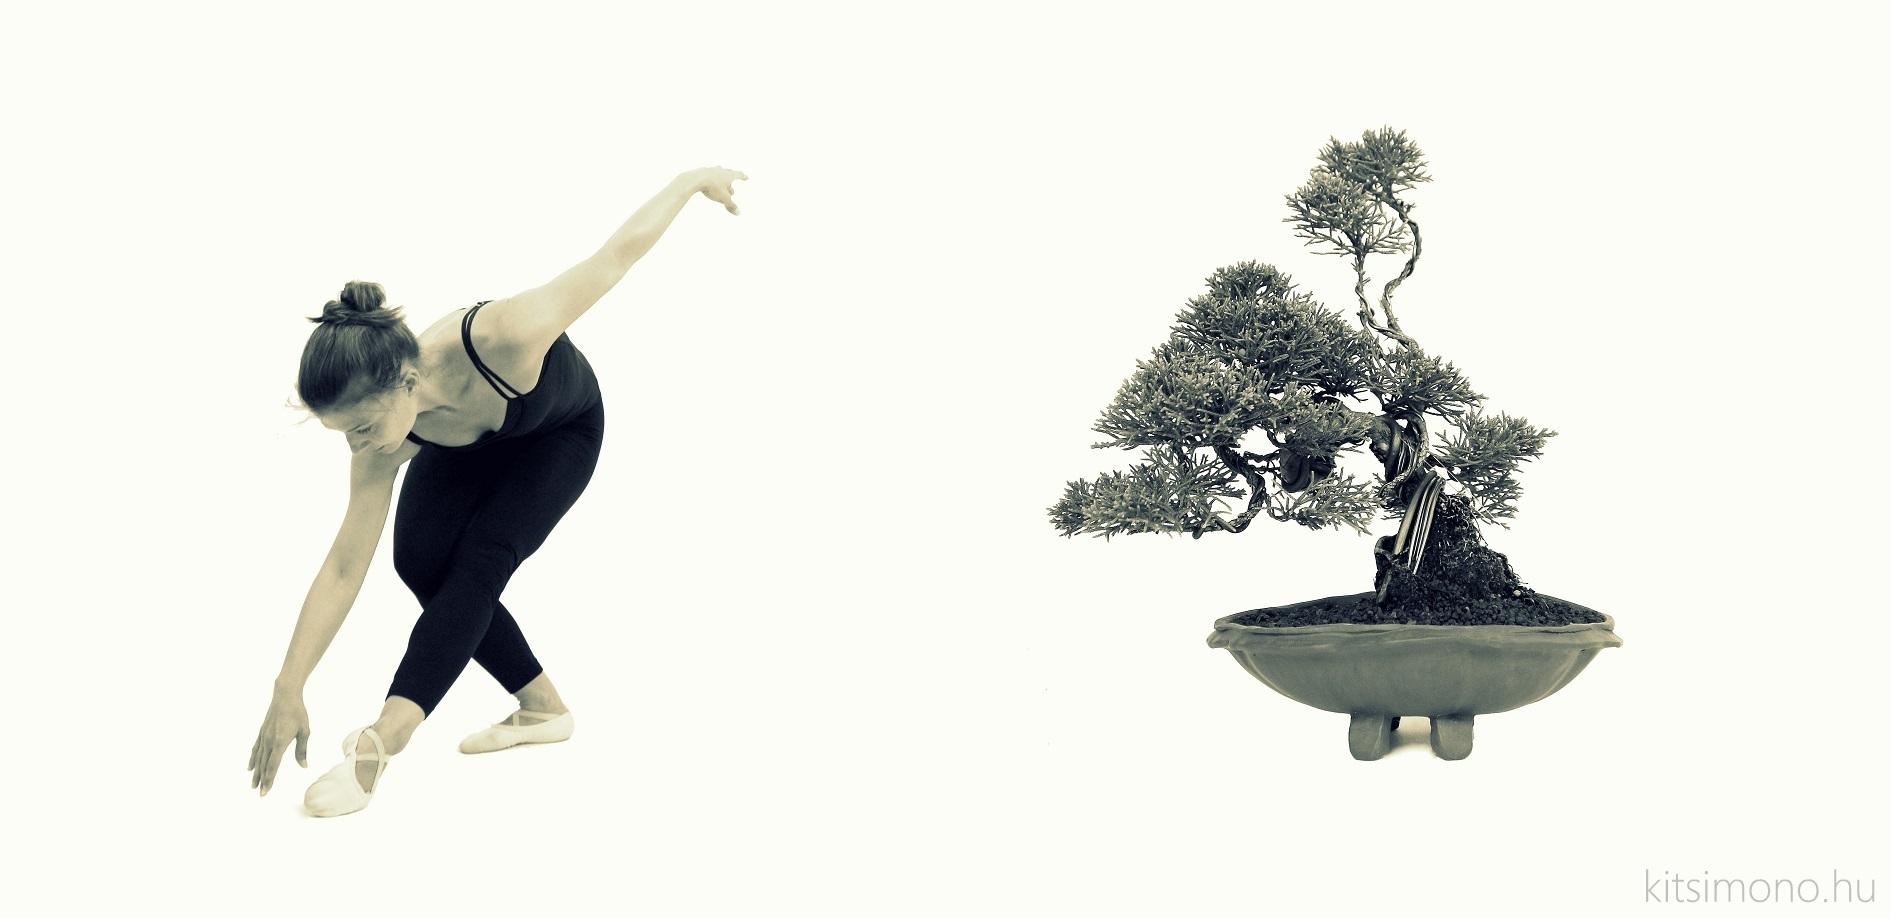 kishu juniperus chinensis shohin ballet kitsimono (13)